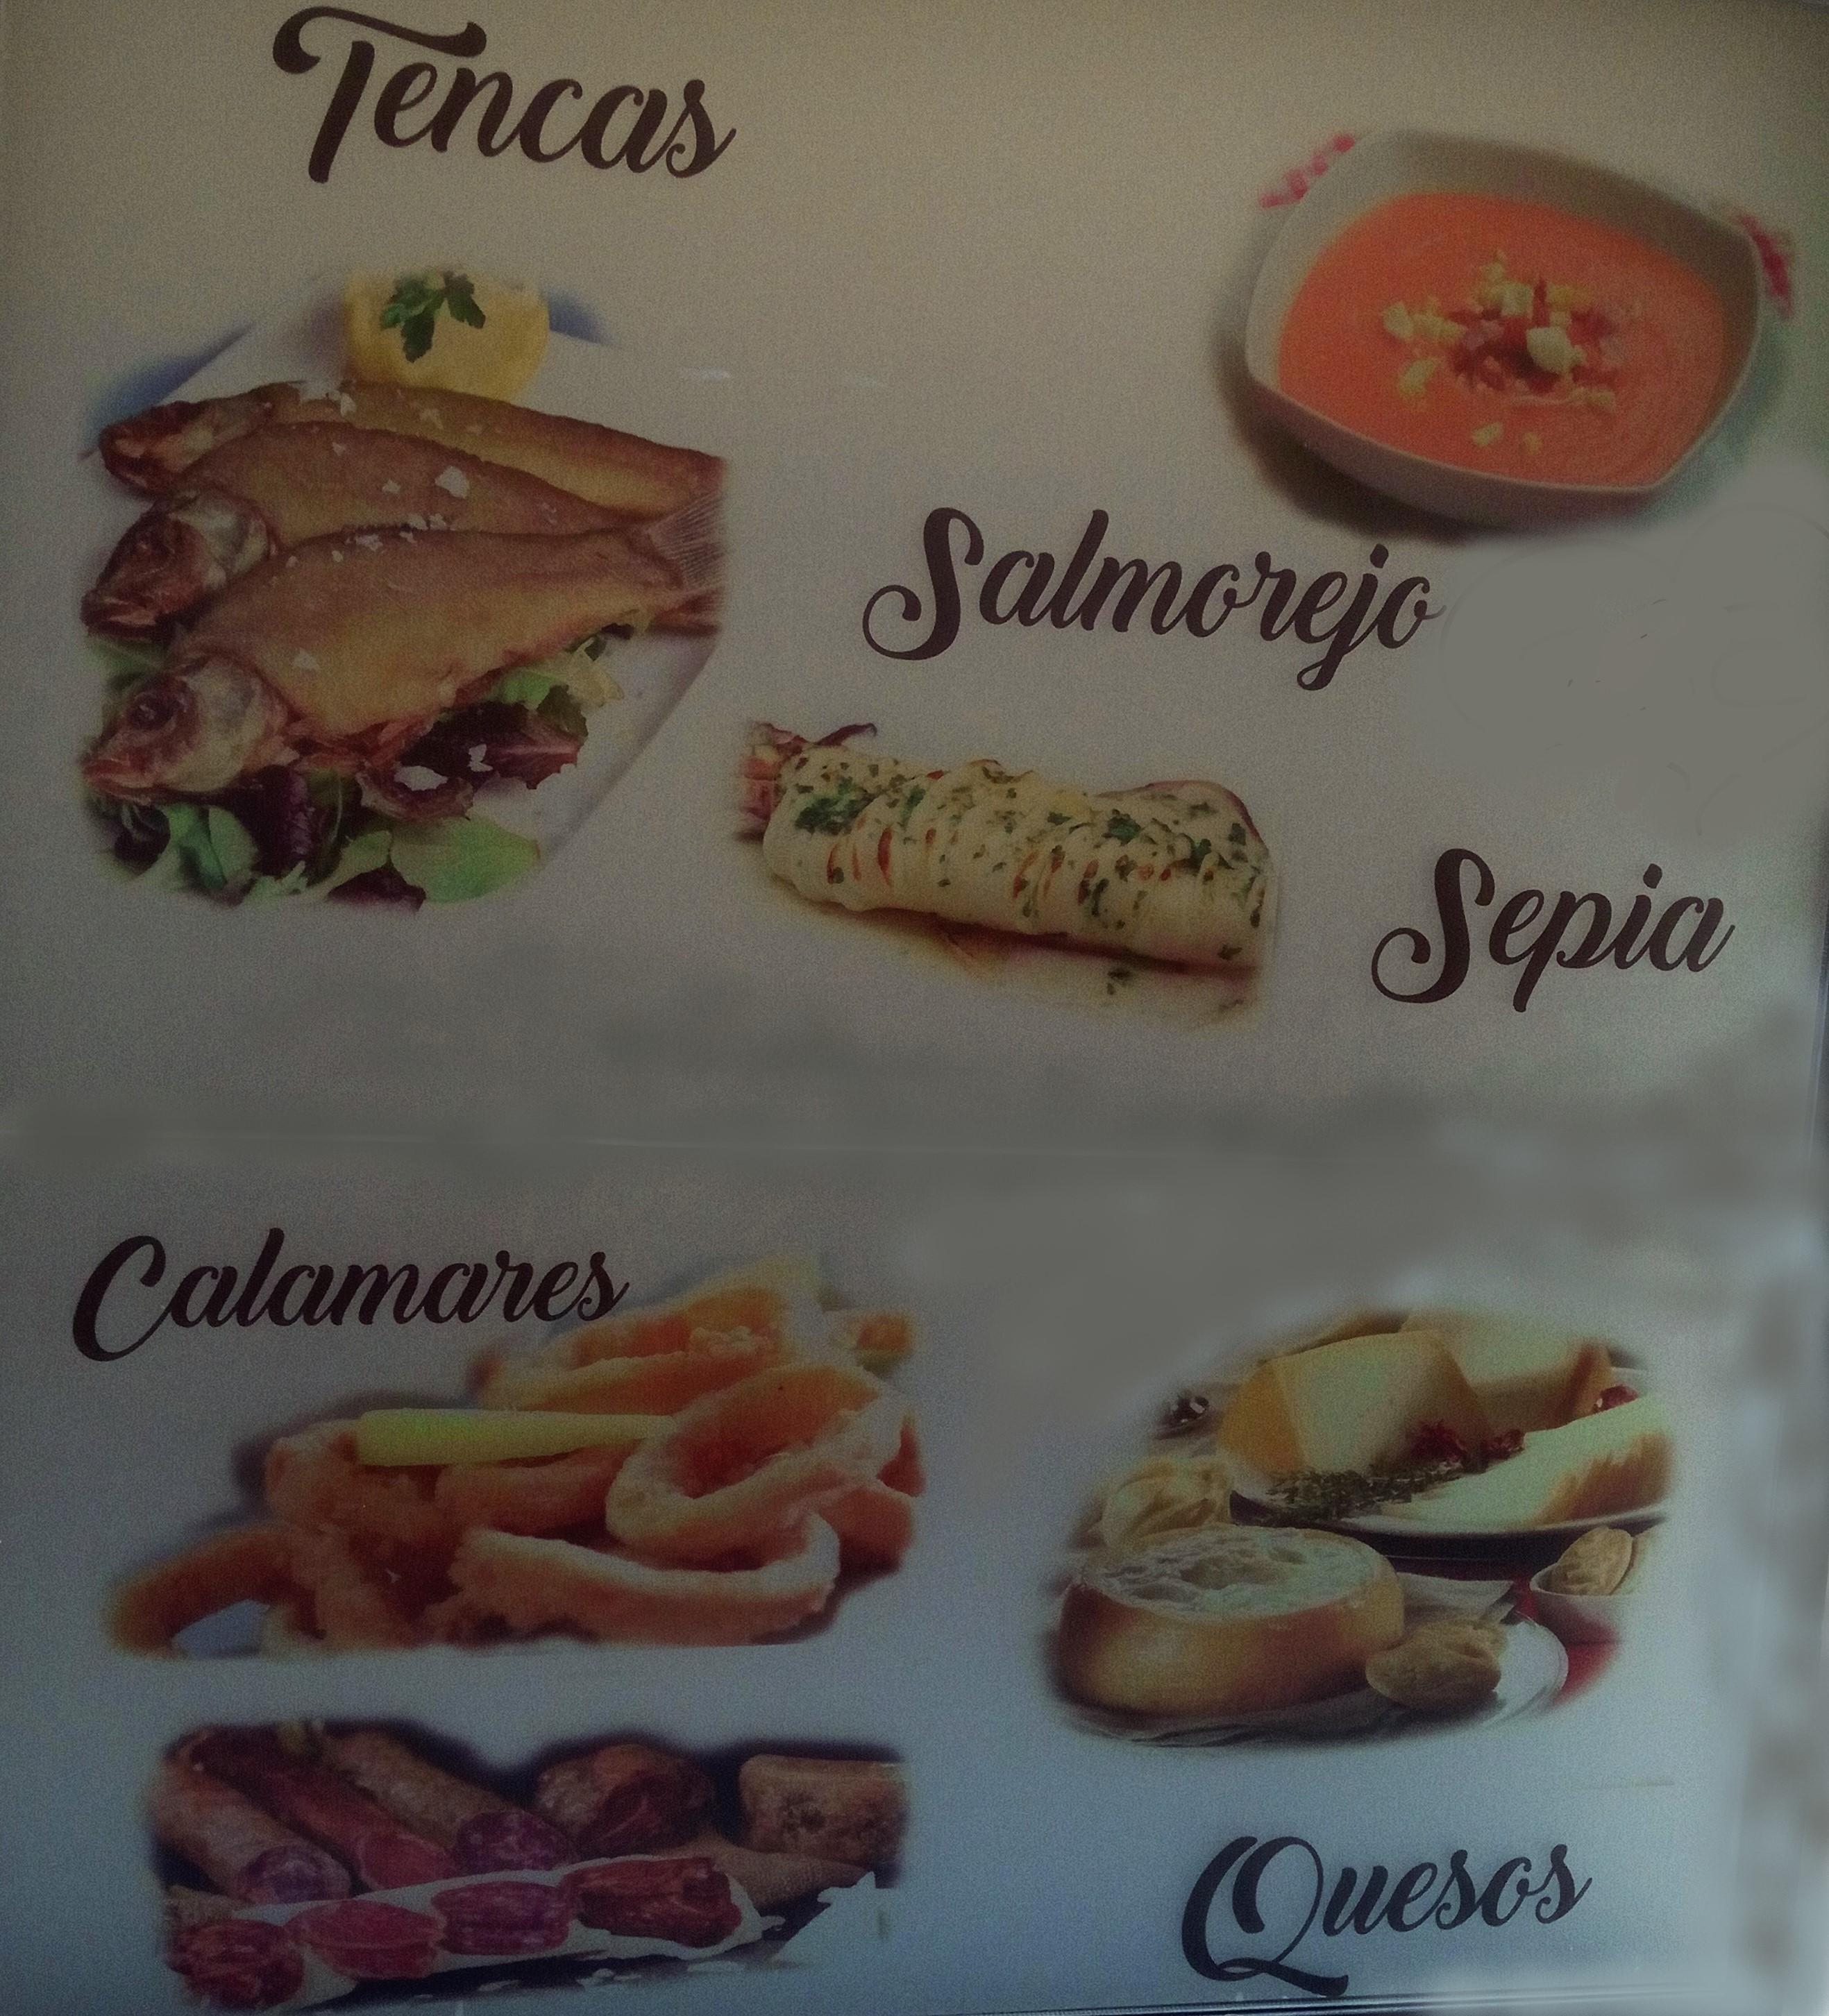 Famosas Tencas ancas de rana en Cáceres Restaurante la Fusa